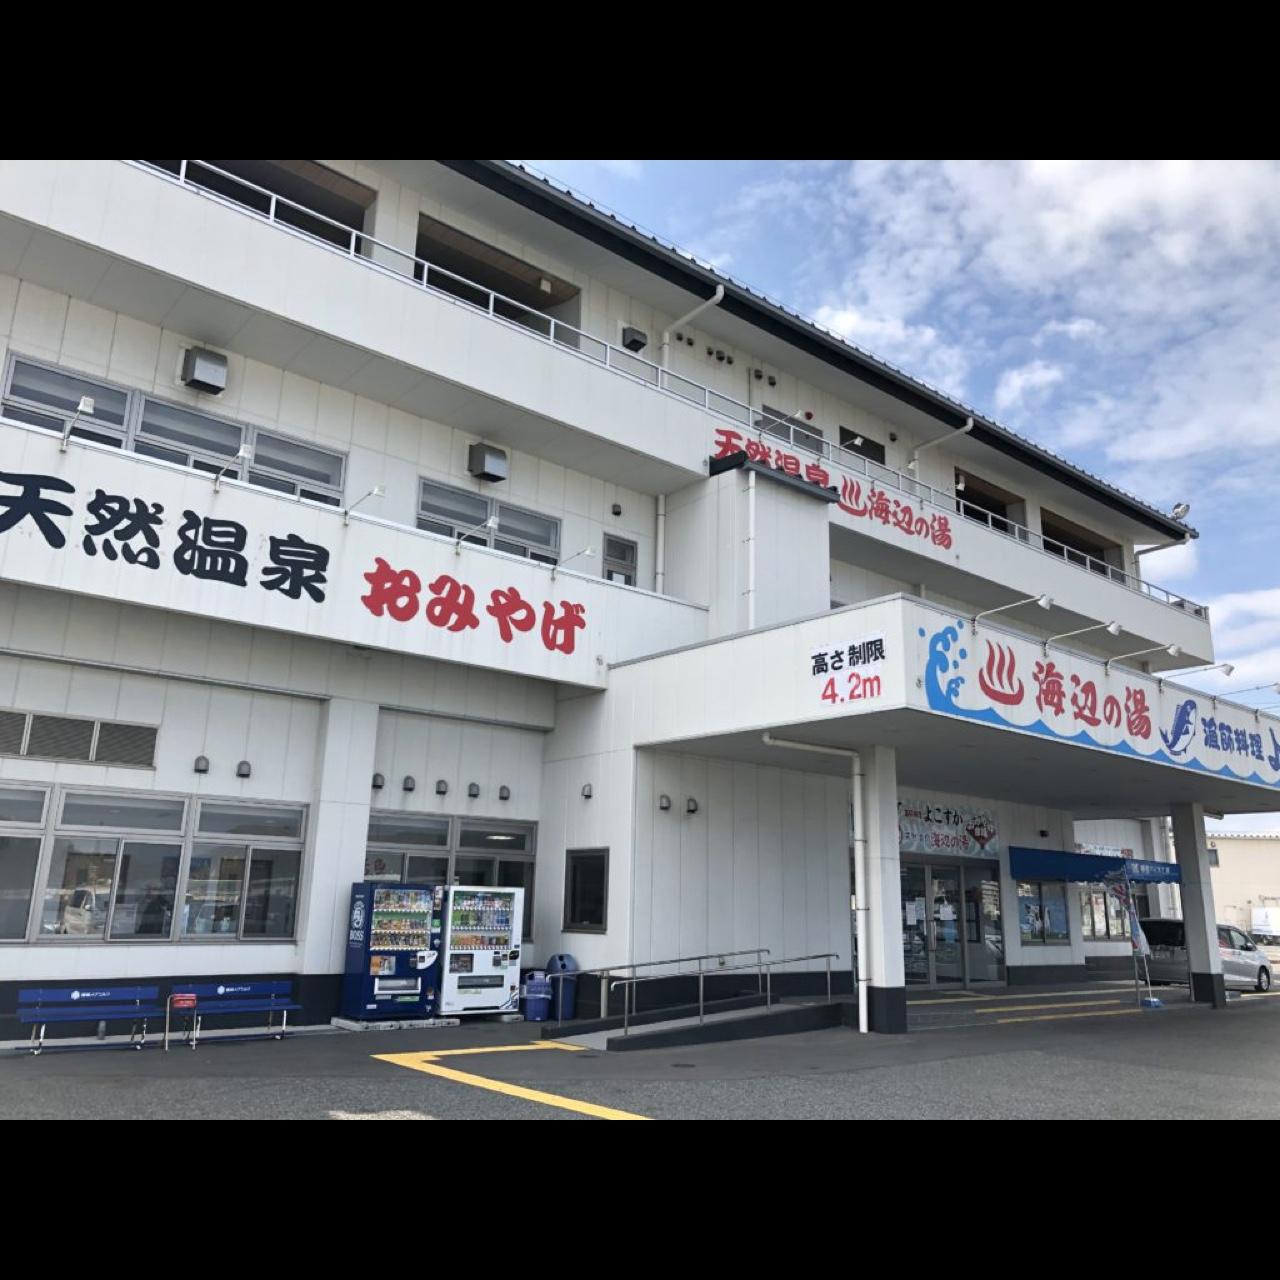 海辺の湯 久里浜店>